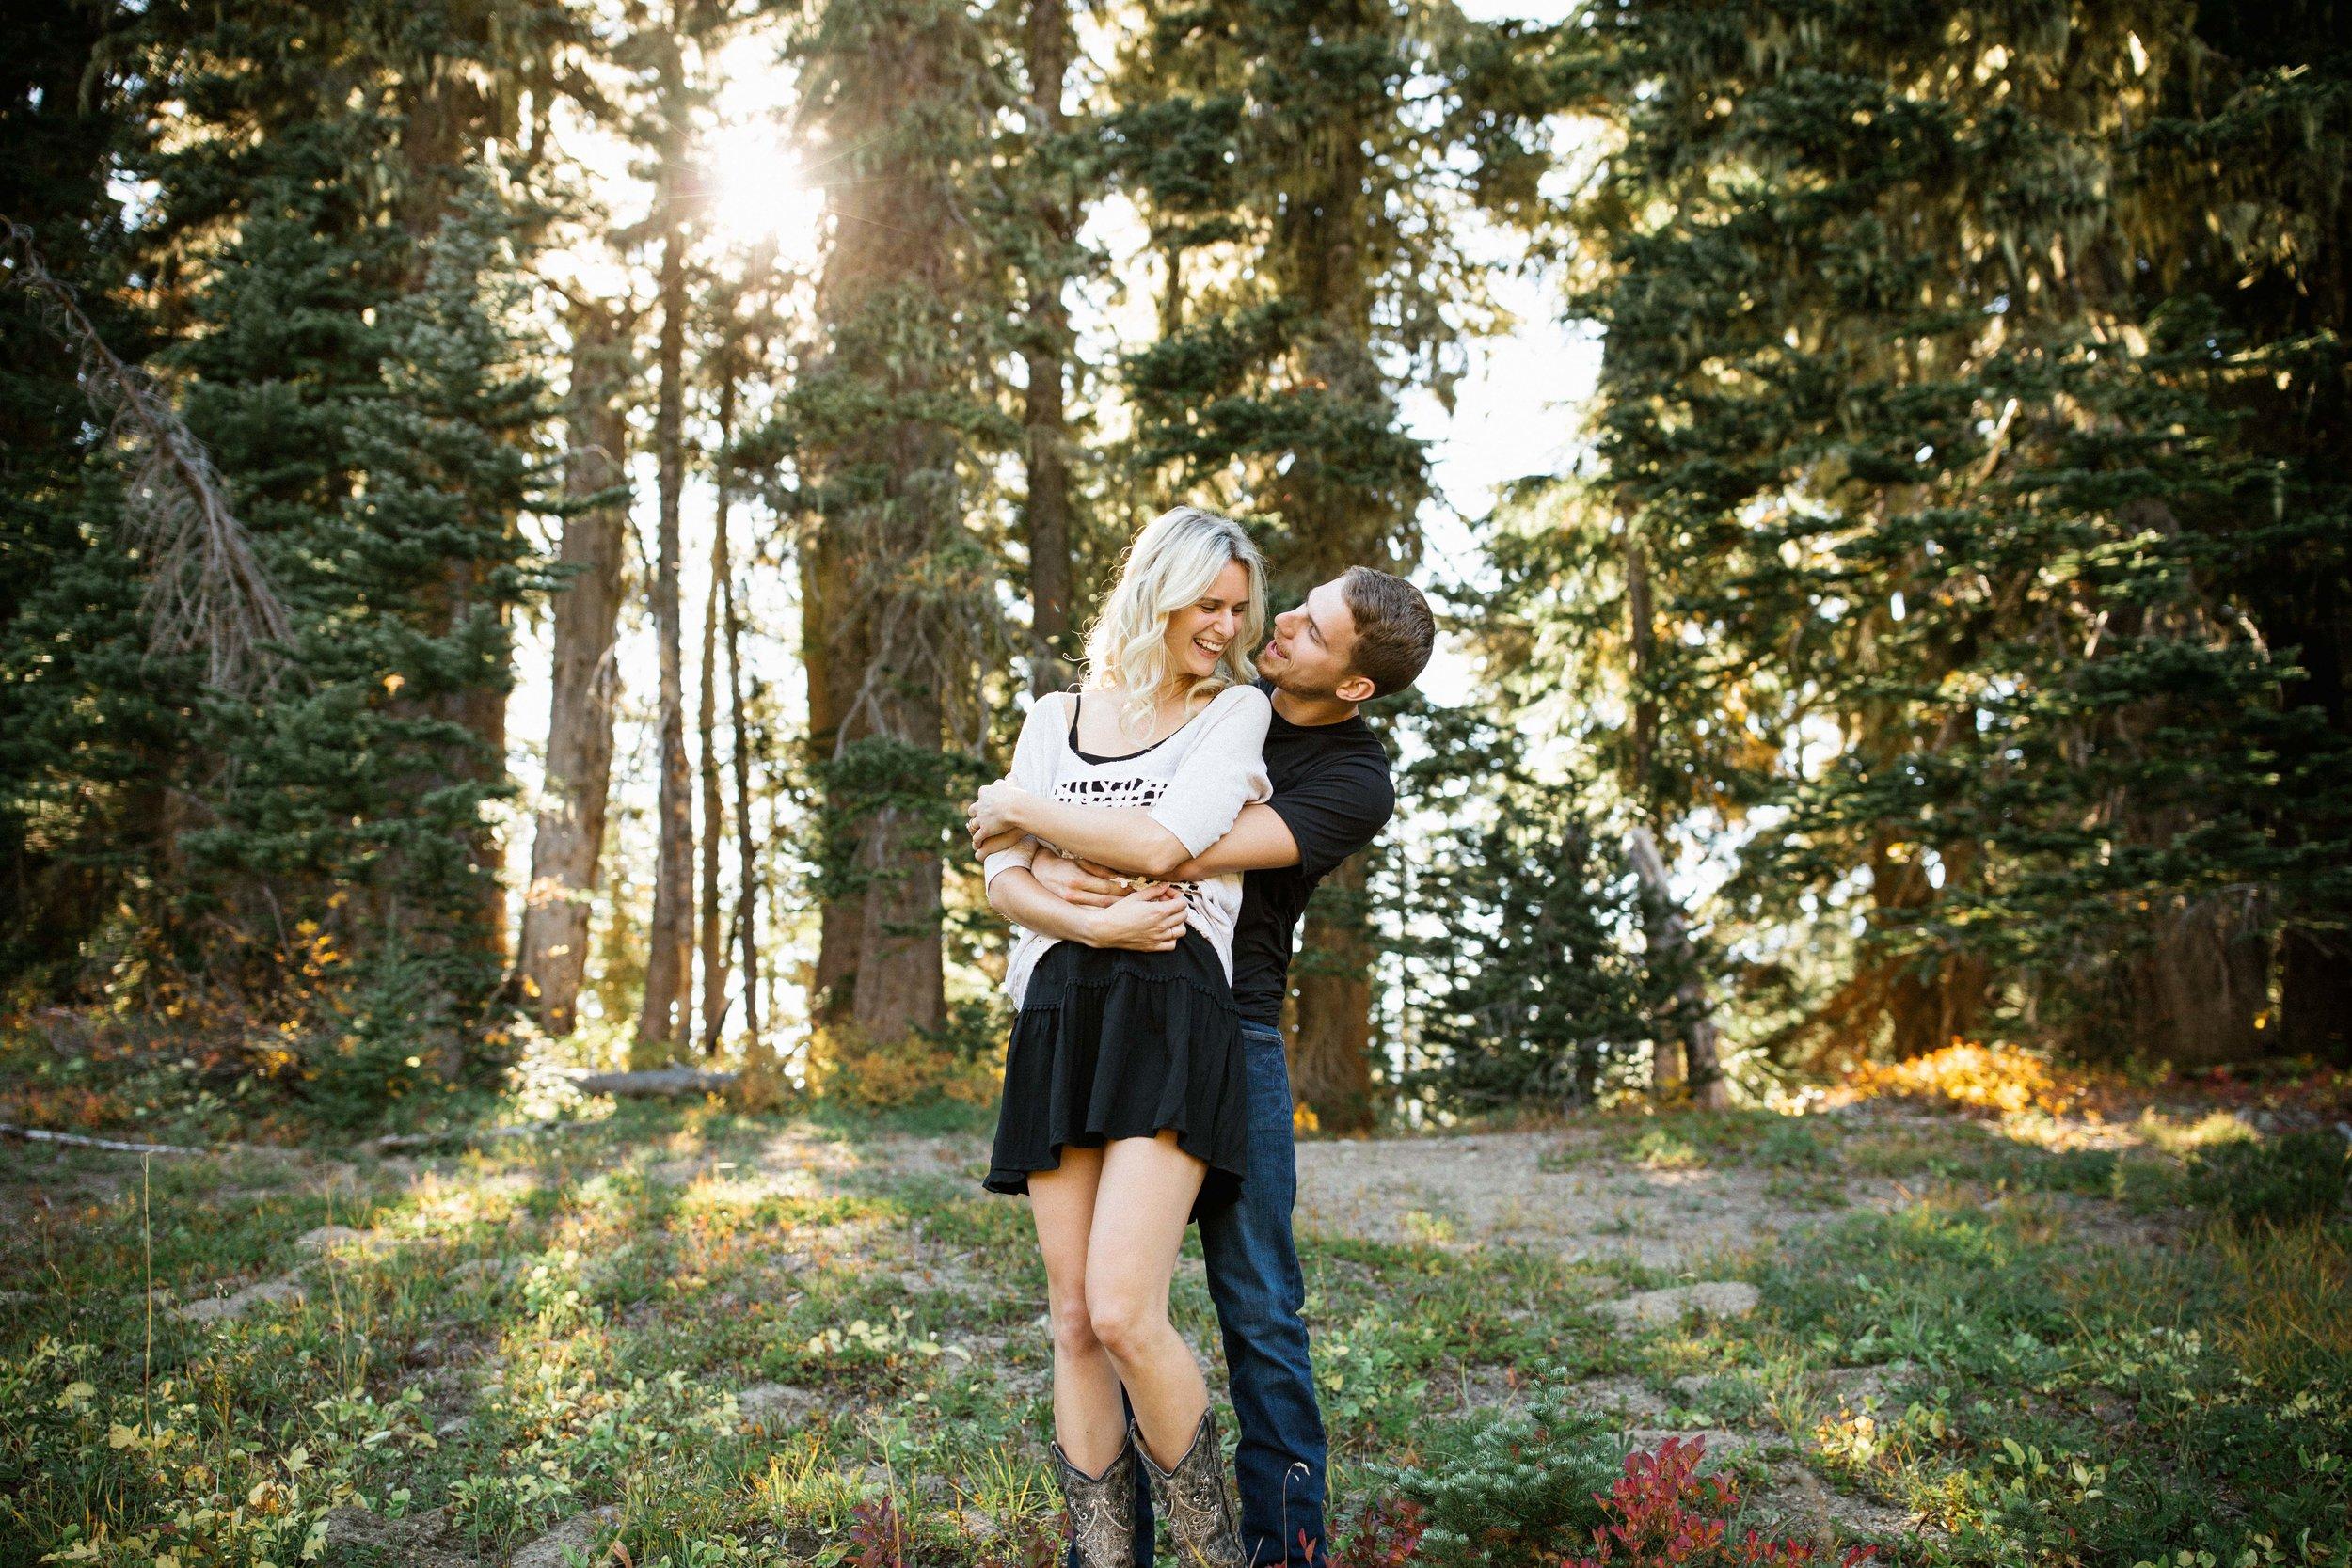 Alexis&Kyle-Engaged!BLOG-1.jpg